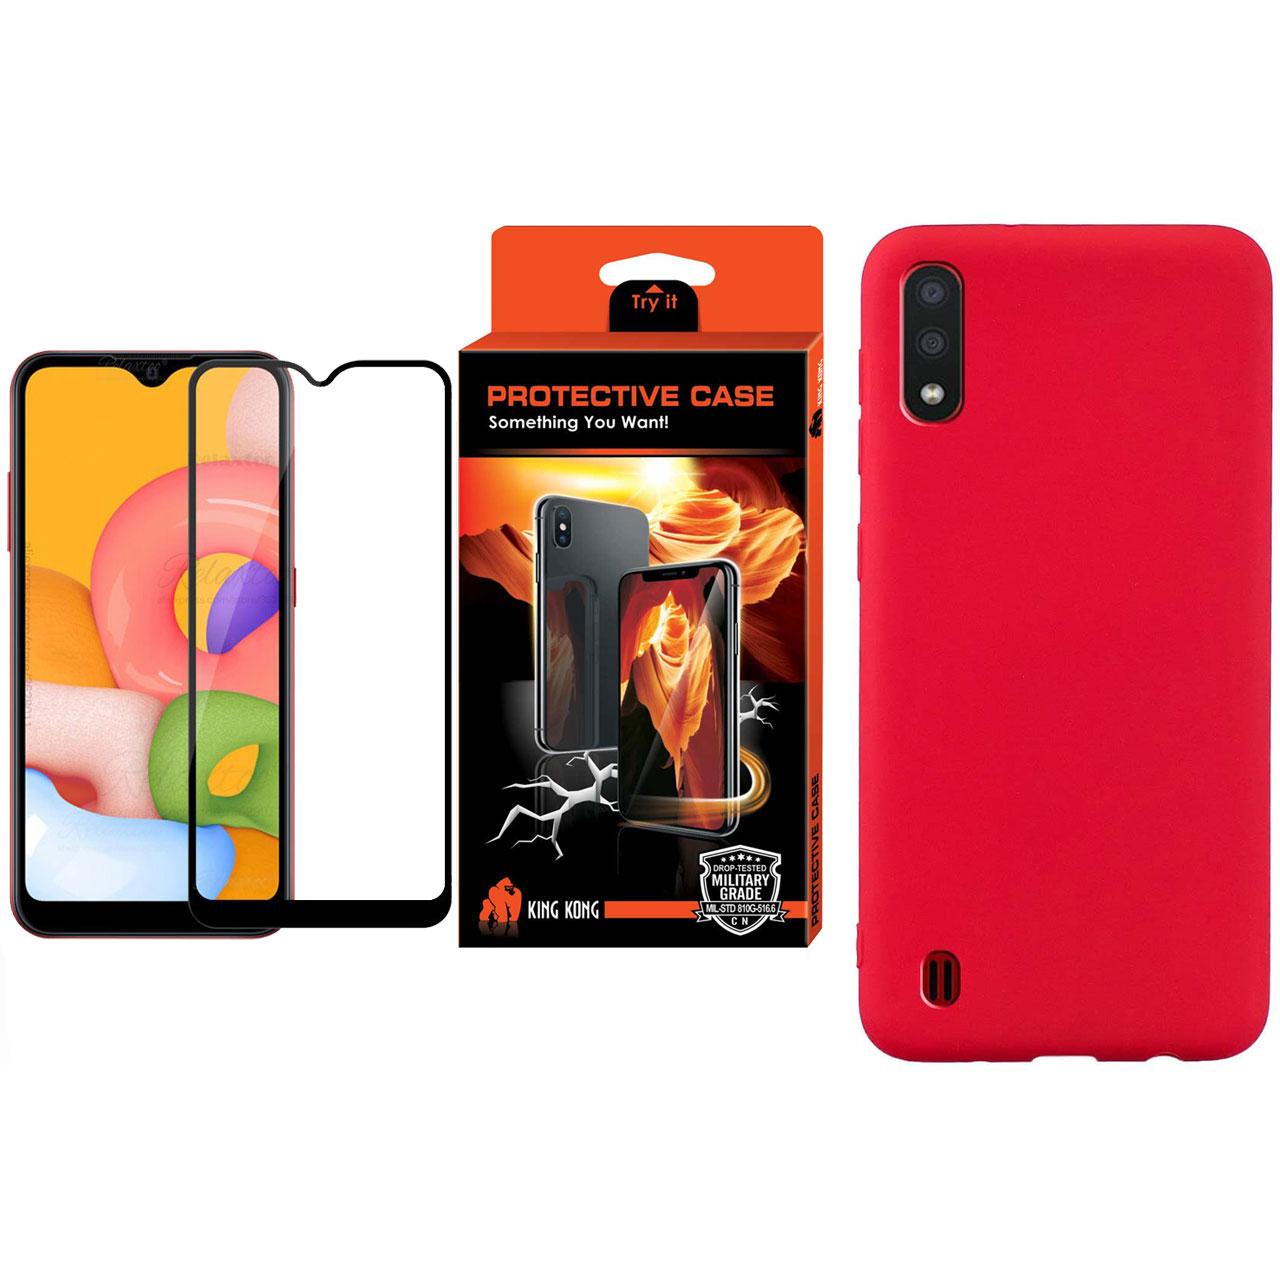 کاور کینگ کونگ مدل SLCN مناسب برای گوشی موبایل سامسونگ Galaxy A01 به همراه محافظ صفحه نمایش              ( قیمت و خرید)